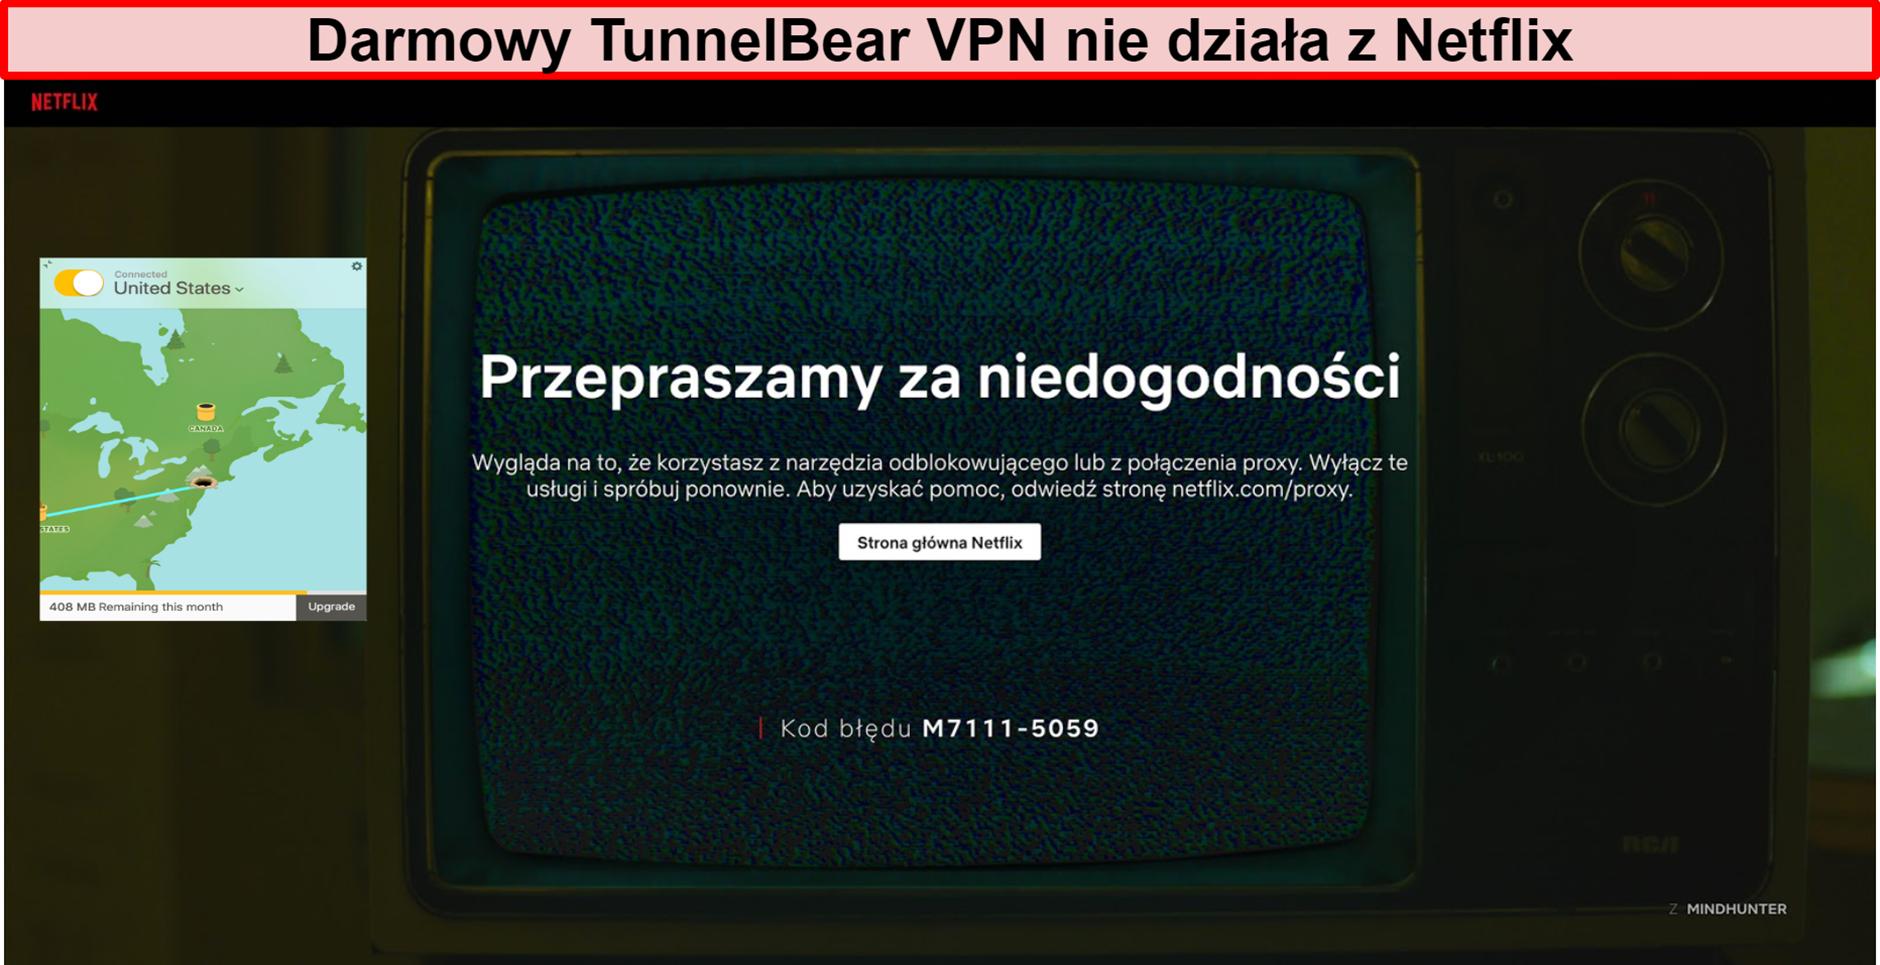 Zrzut ekranu z TunnelBear VPN połączonego z USA za pomocą Netflix pokazujący komunikat o błędzie odblokowania lub proxy